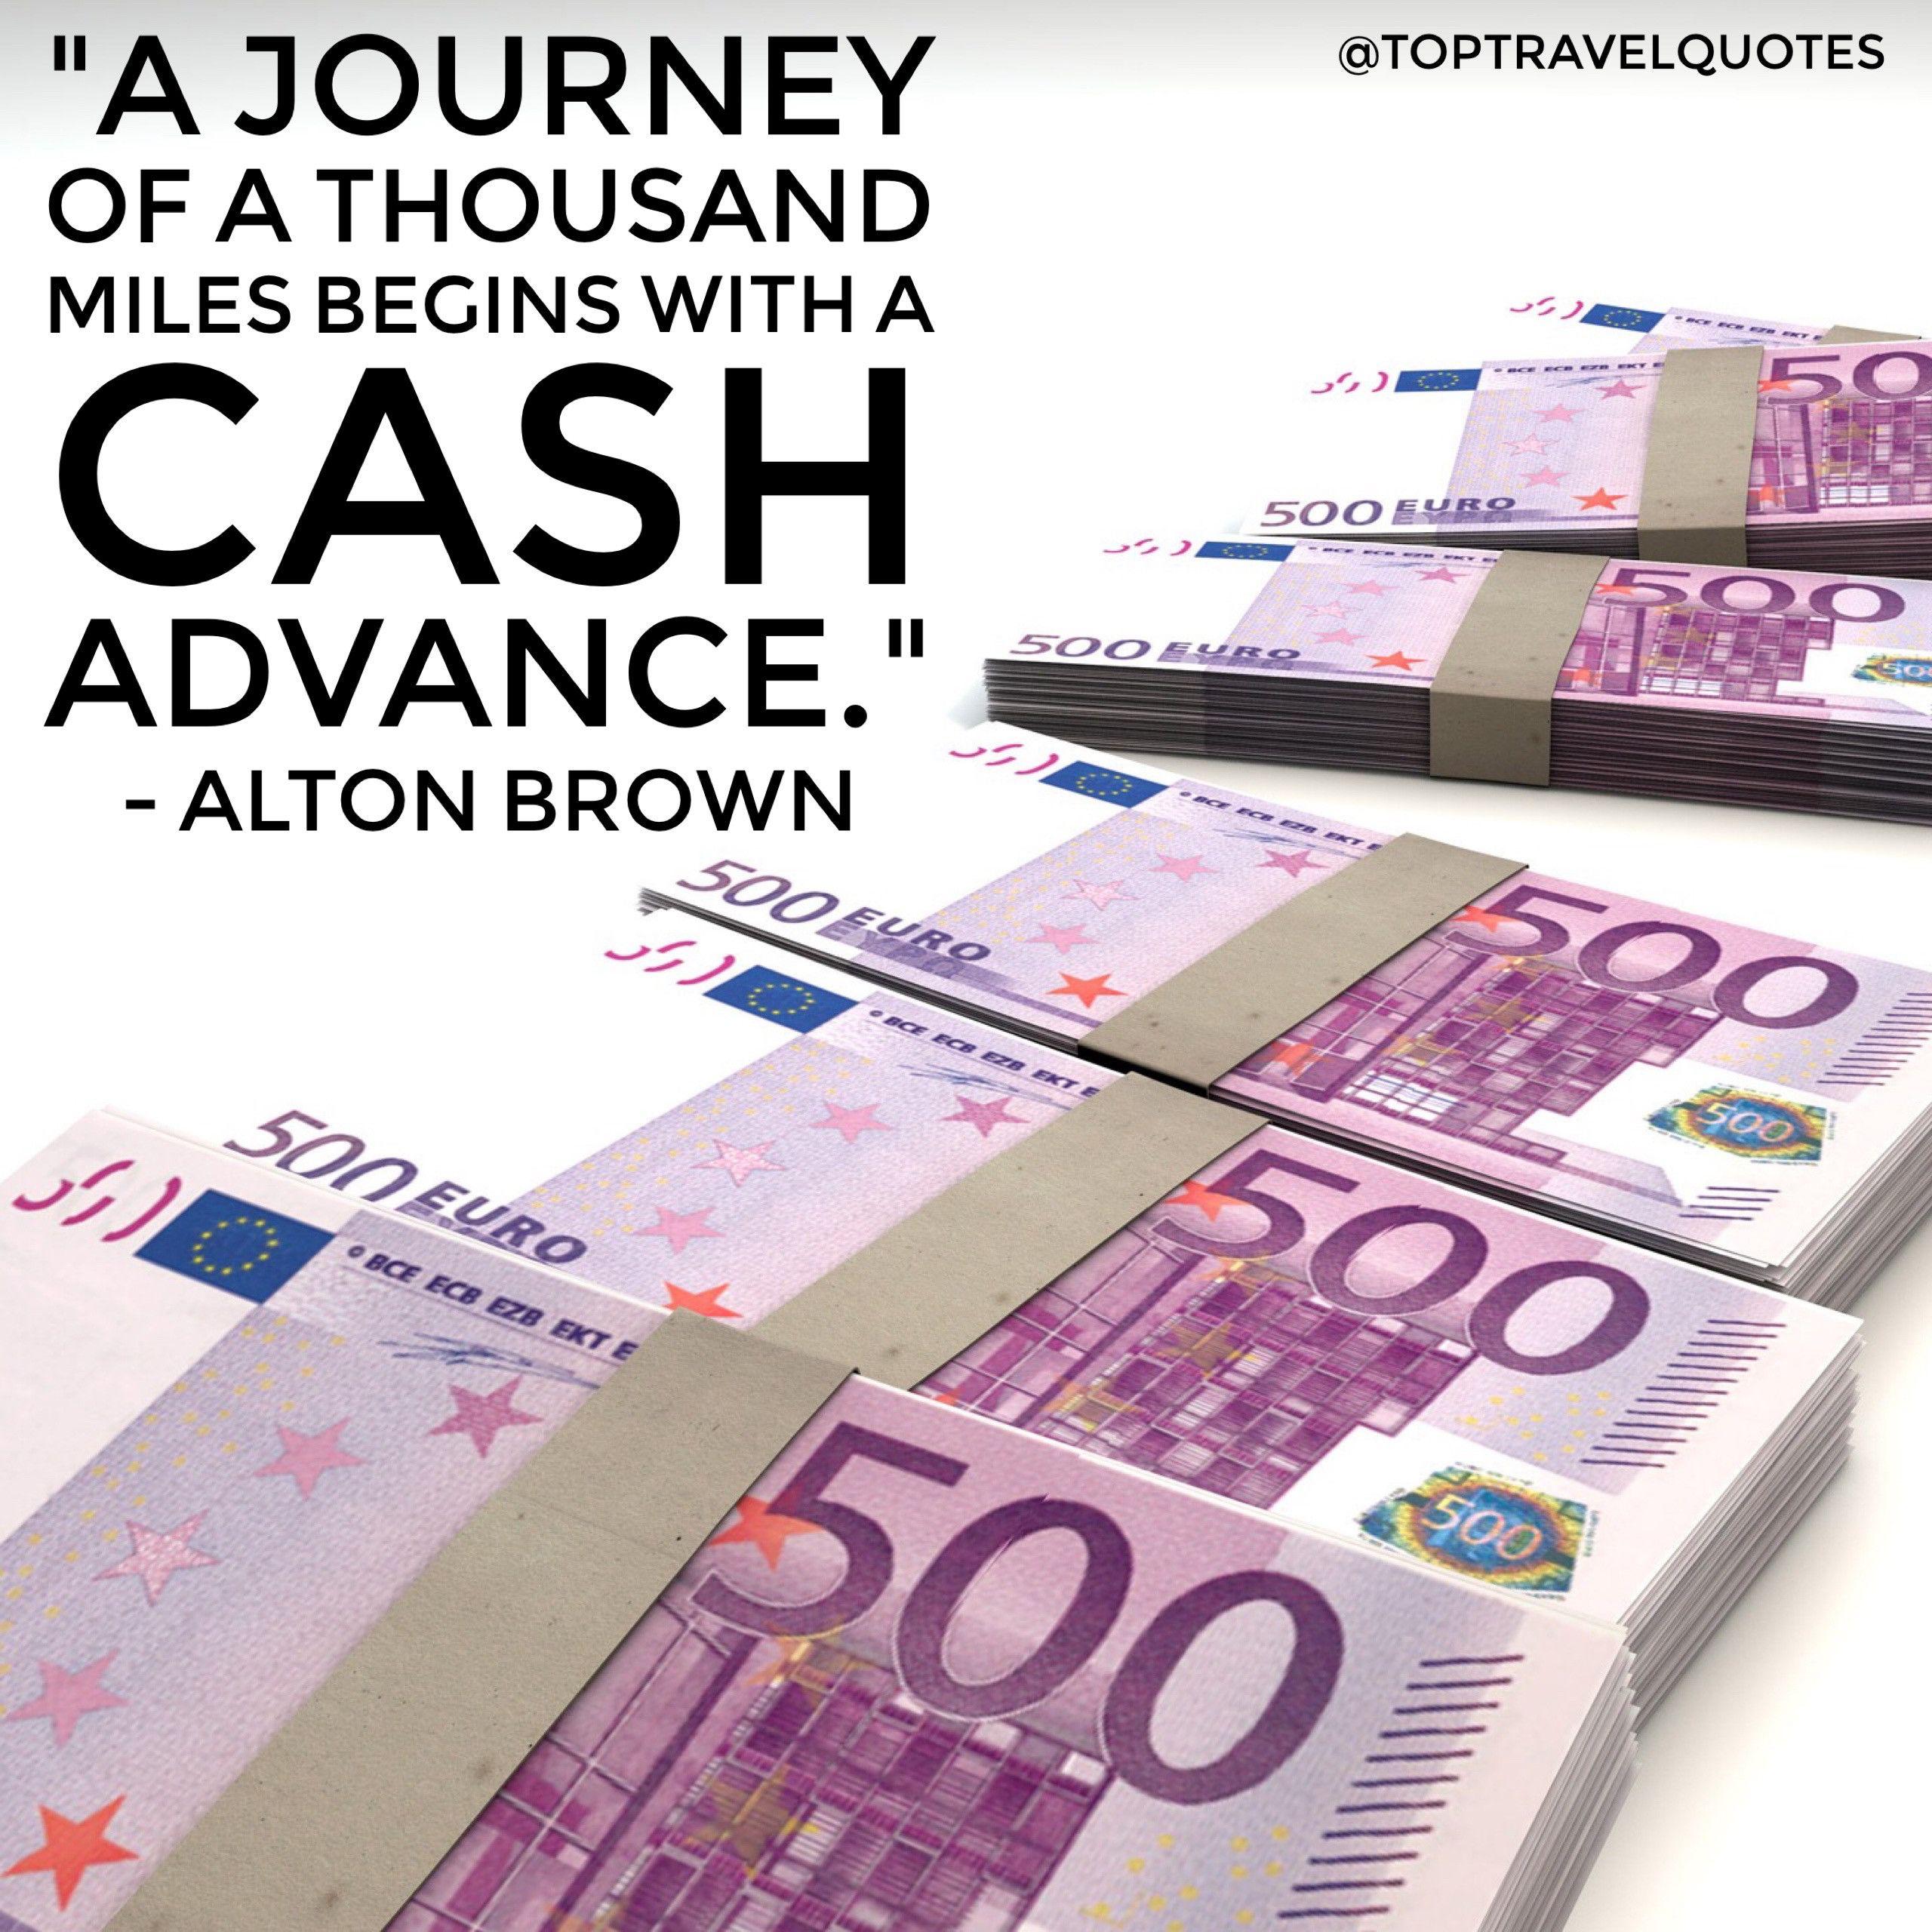 Cash advance fwb fl picture 5